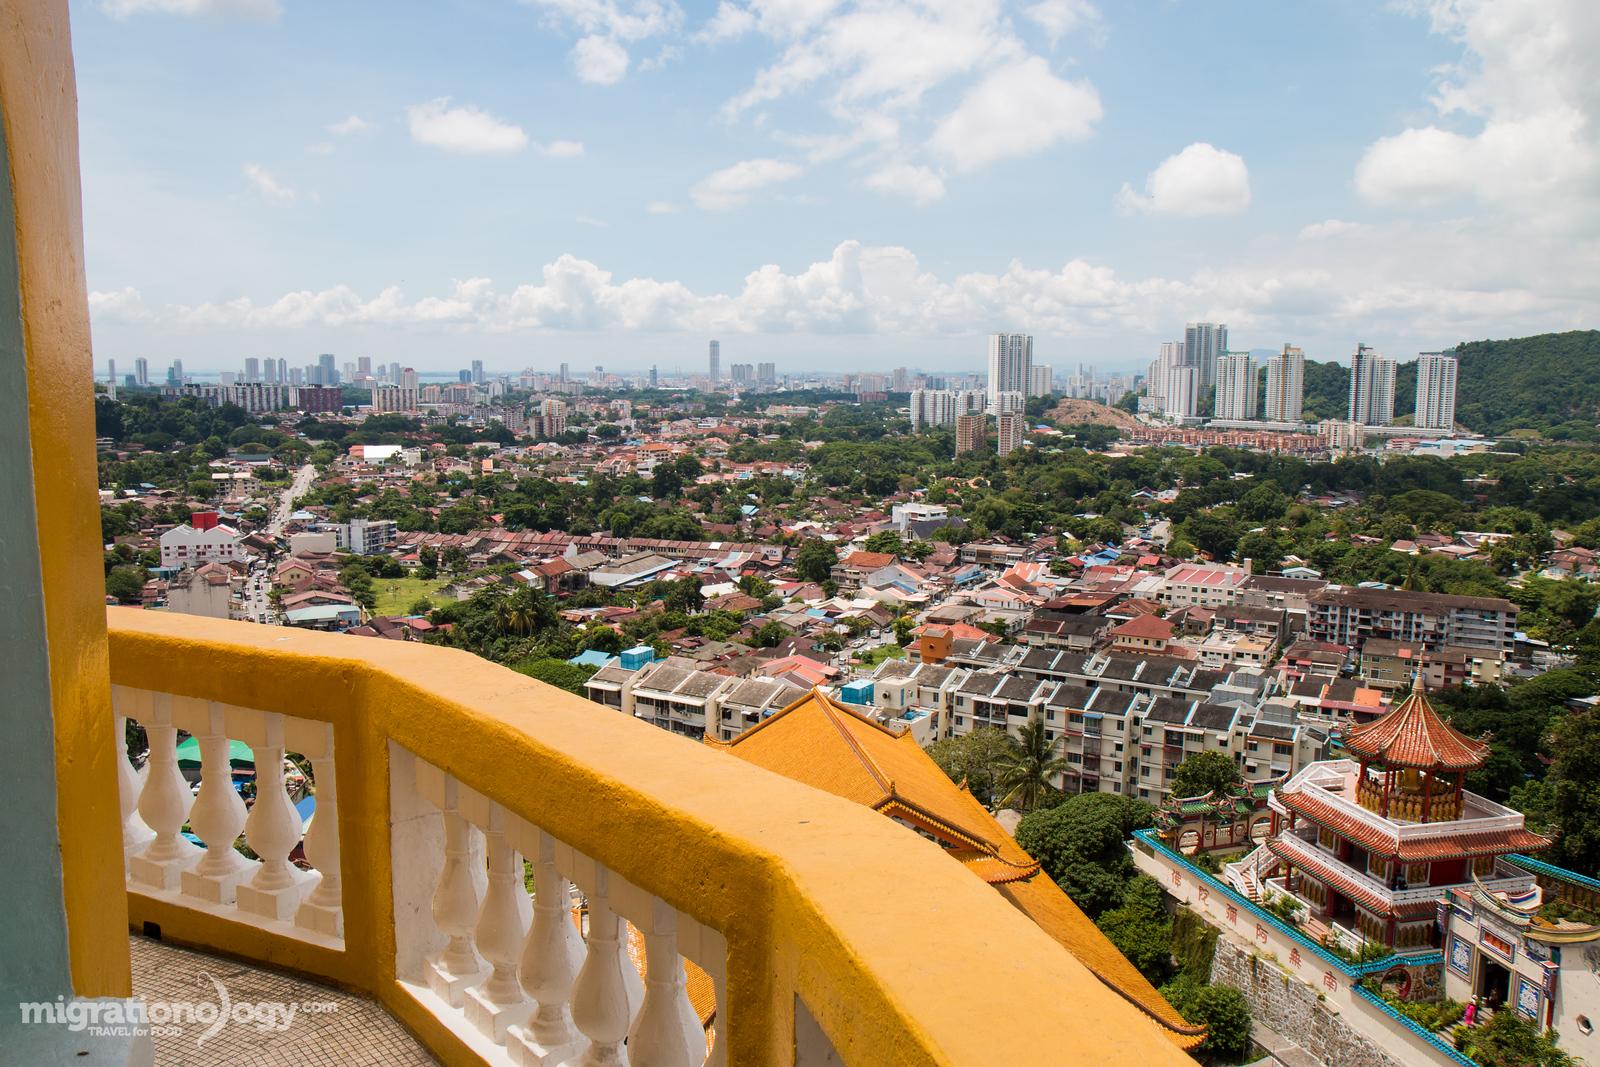 Kek Lok Si Pagoda